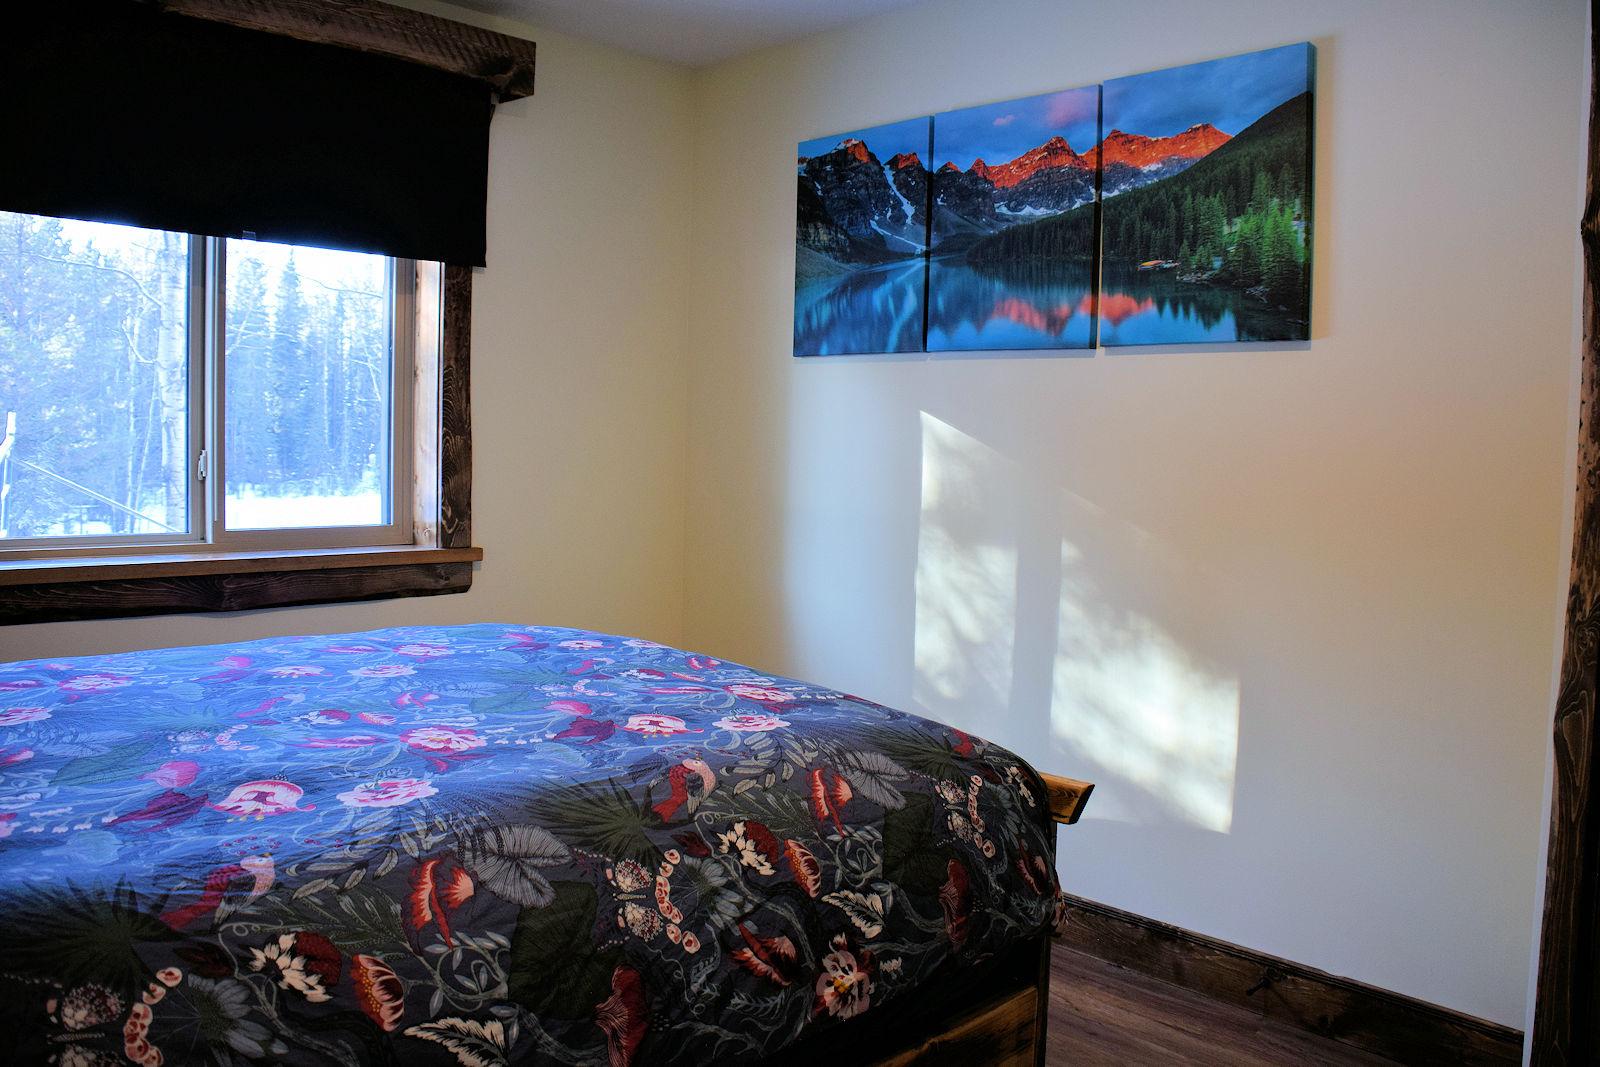 https://0901.nccdn.net/4_2/000/000/008/486/queen-bedroom-deco-1600x1067.jpg